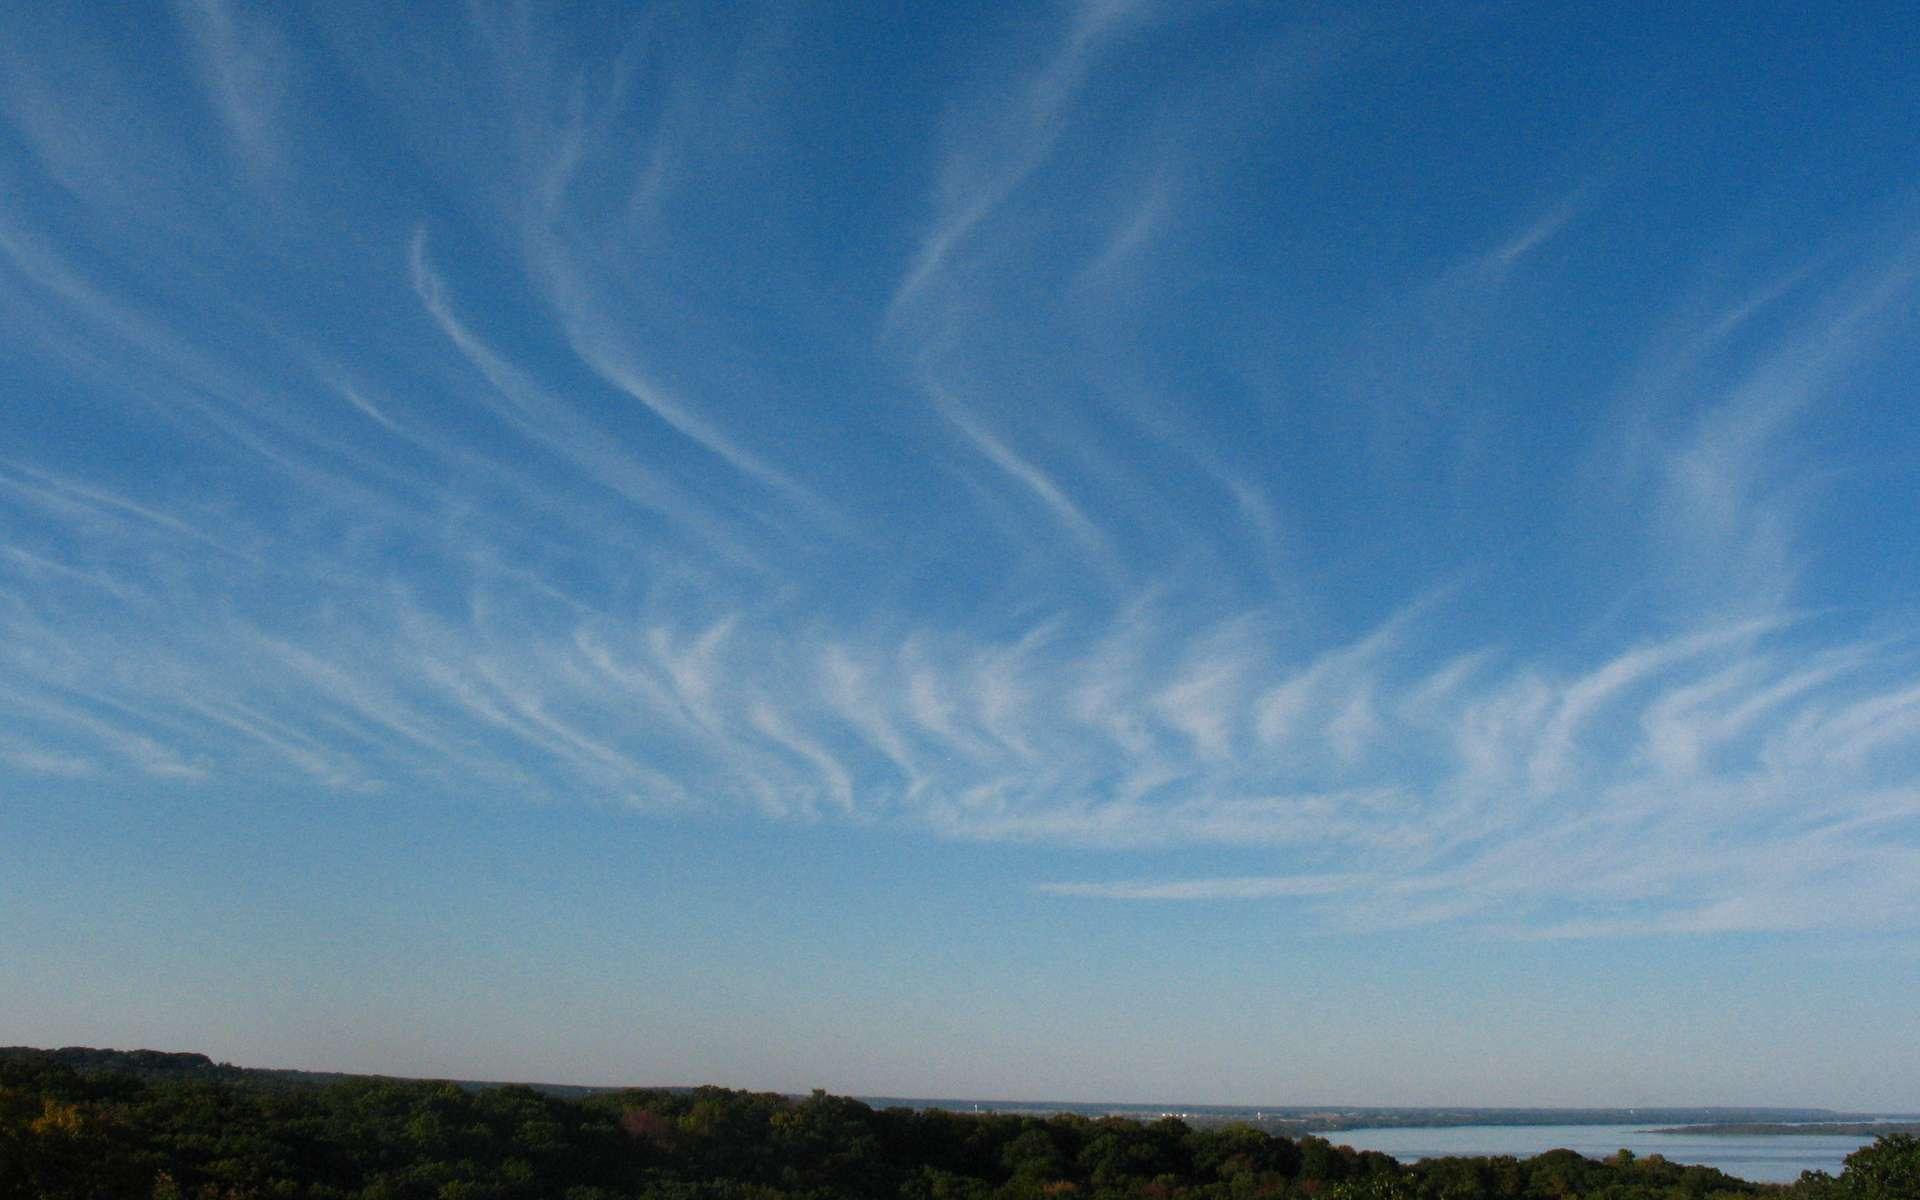 Les cirrus forment des nuages filamenteux de haute altitude. © k4dordy, Fotopedia, CC by 2.0